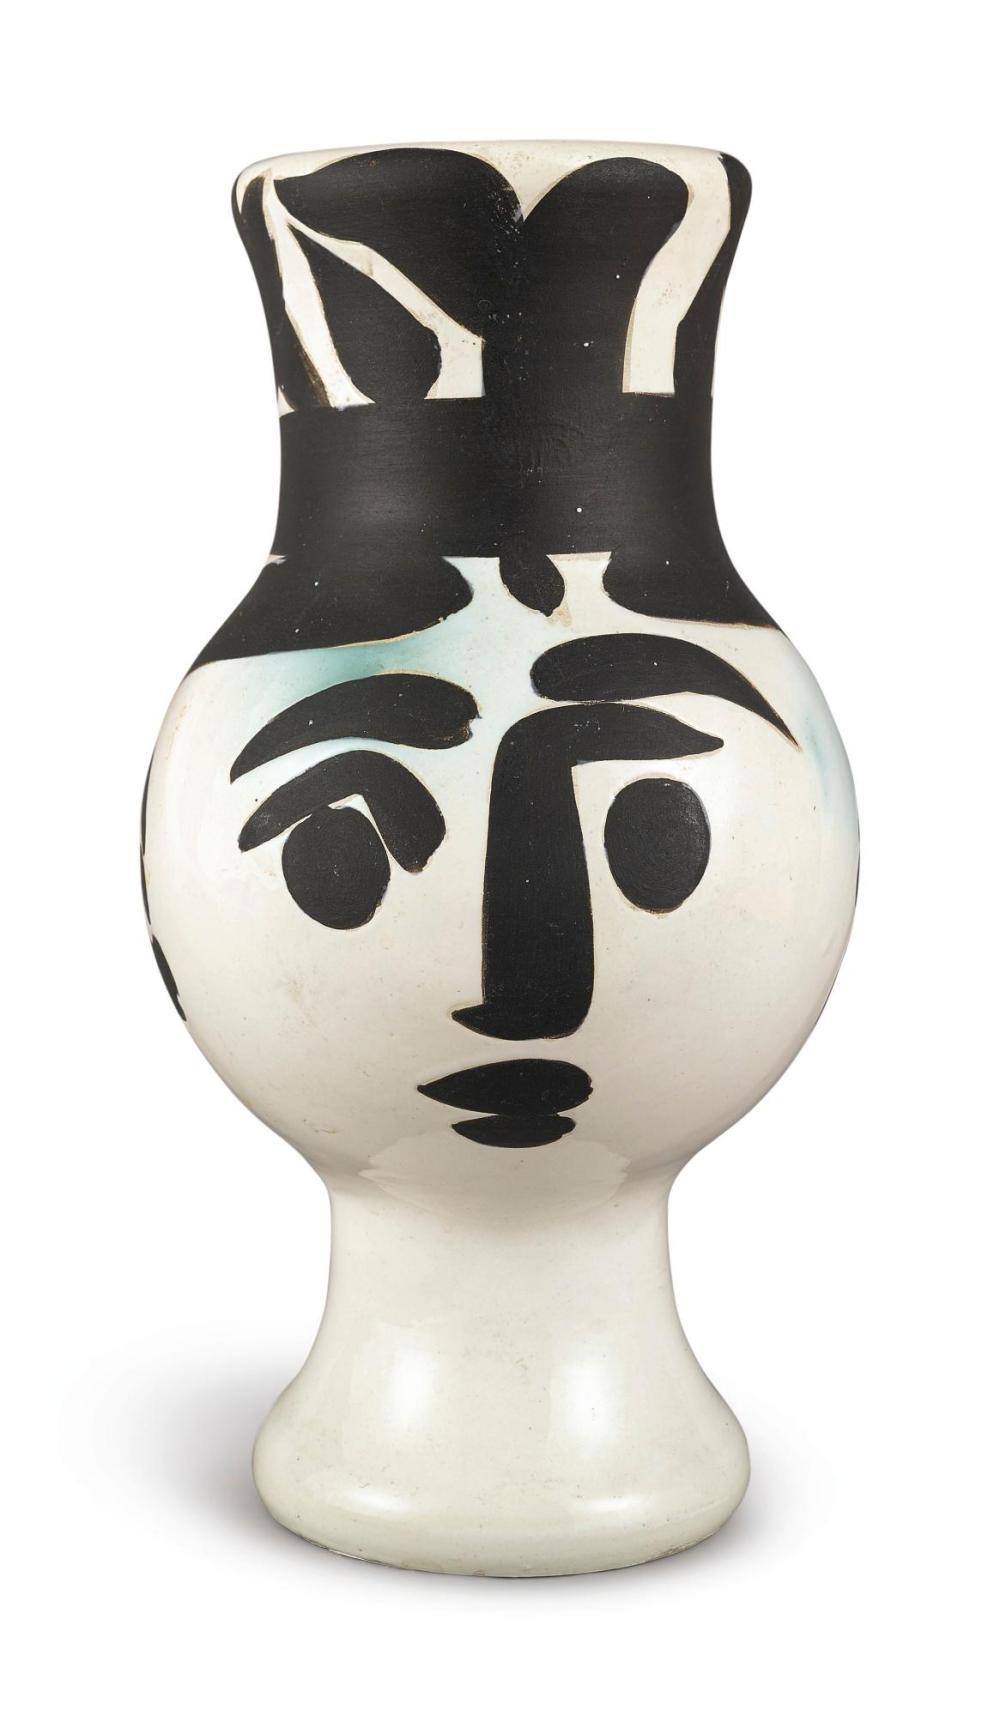 PABLO PICASSO (1881 - 1973) | Chouette femme (A.R. 119)